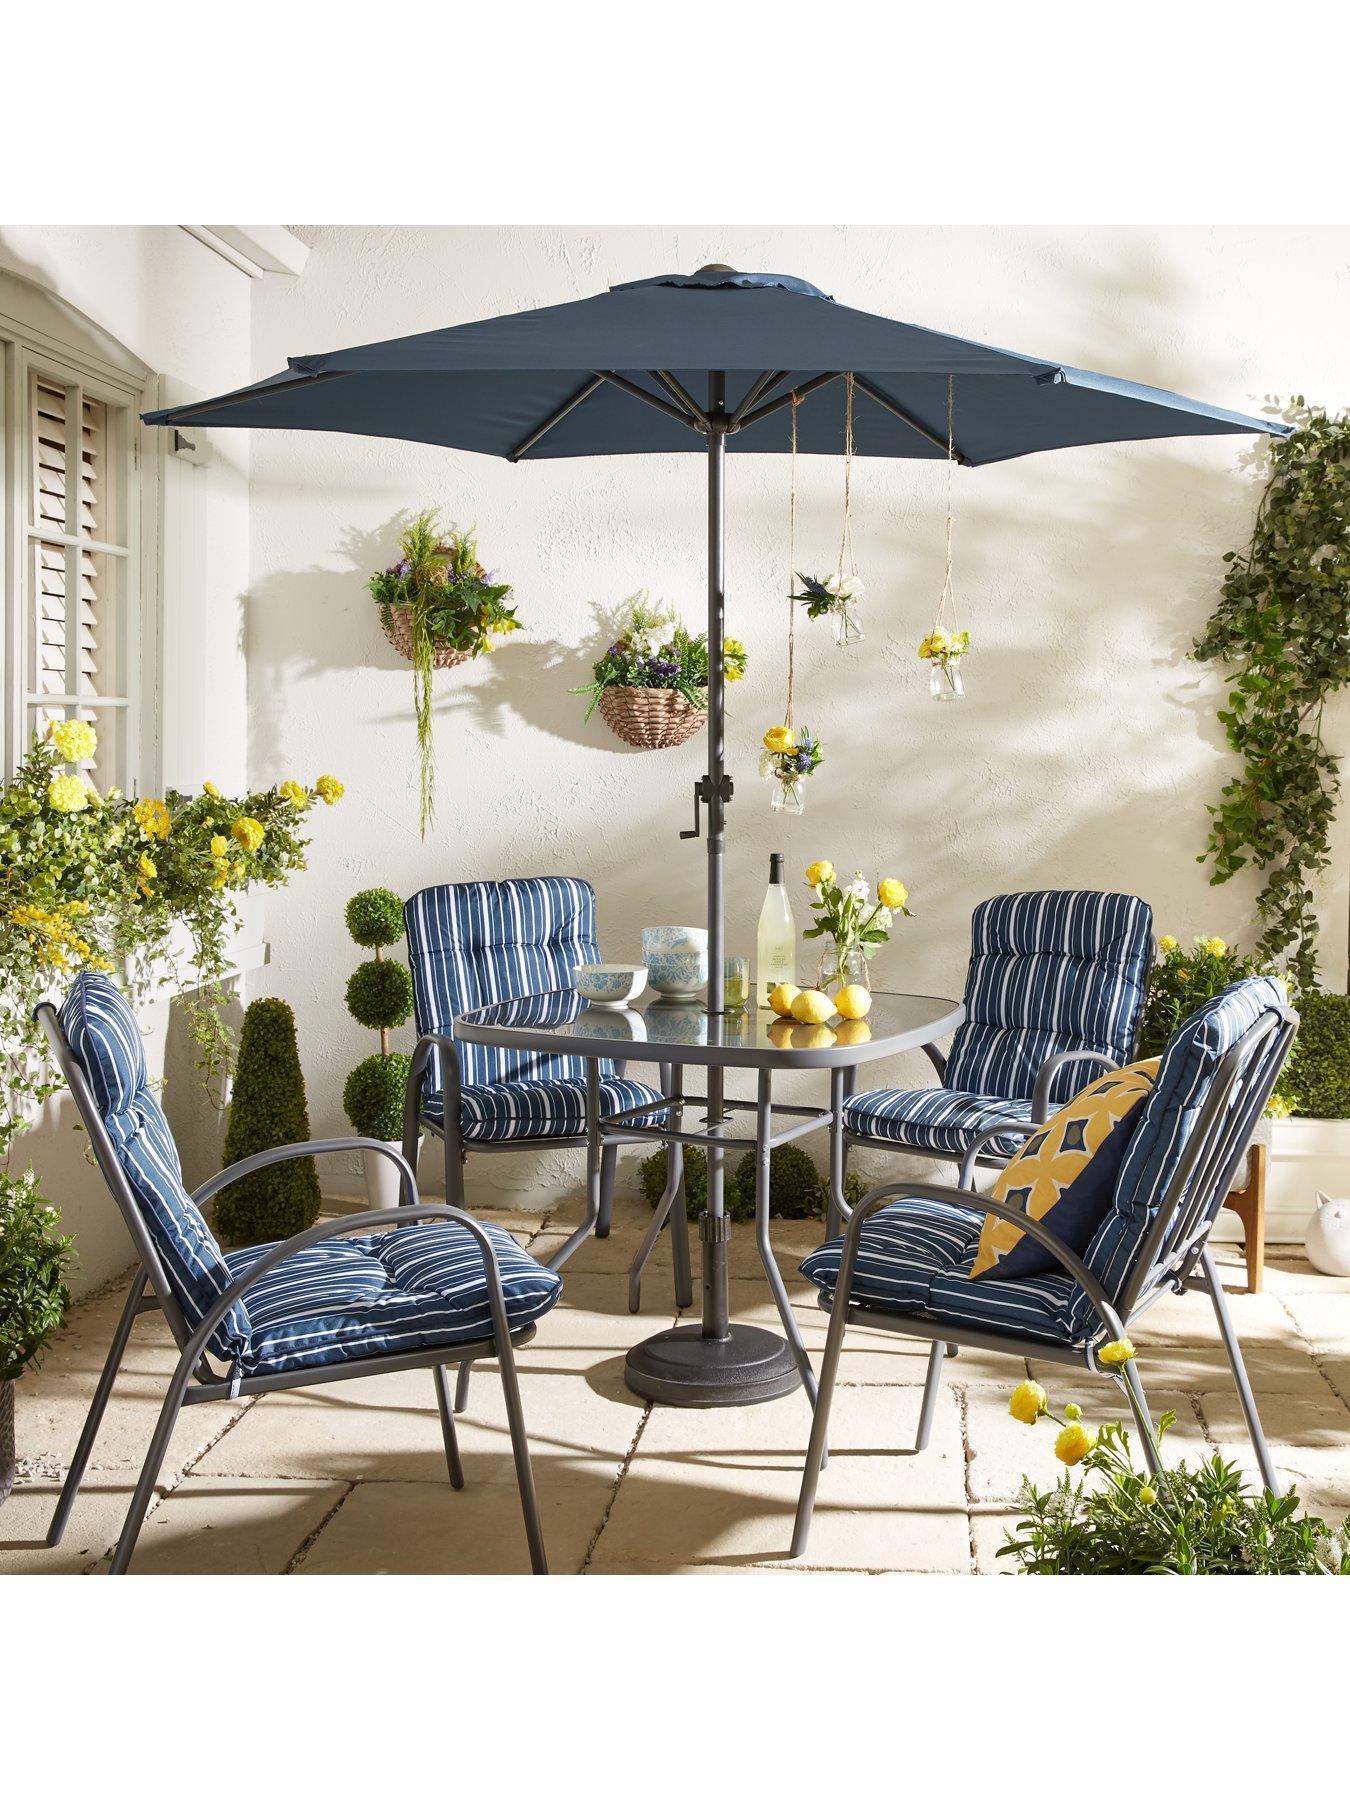 Outdoor Patio Dining Sets 6//8 Piece Textilene Grey Garden Table Chair Umbrella~~